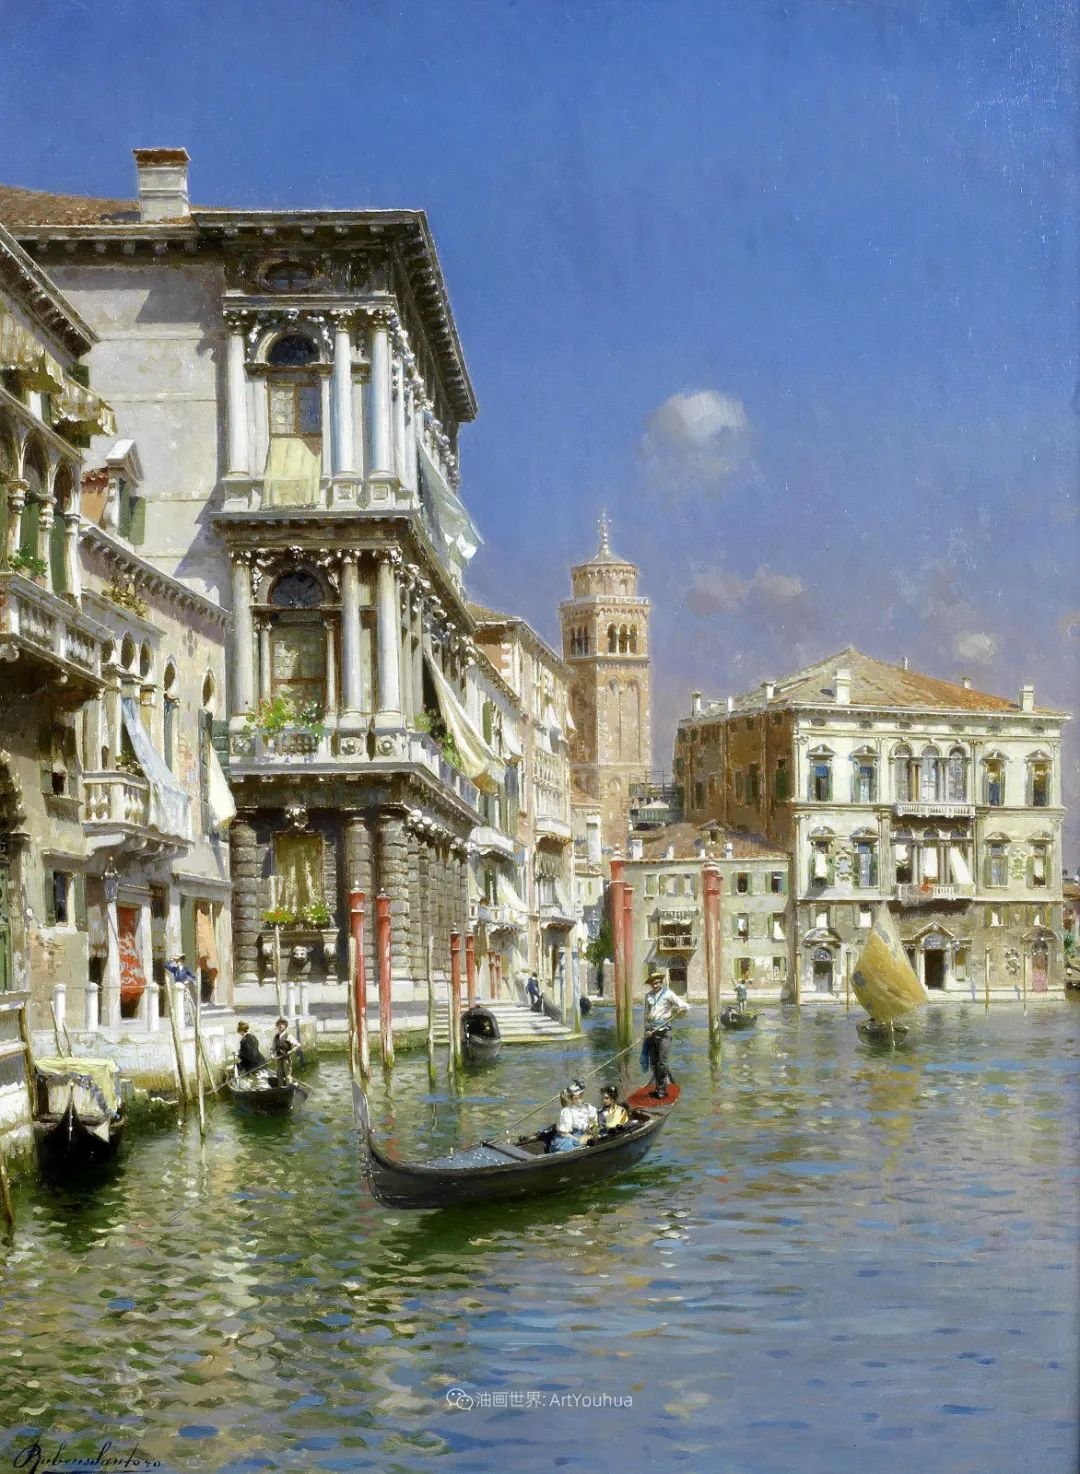 威尼斯风光,意大利画家鲁本斯·桑托罗插图5